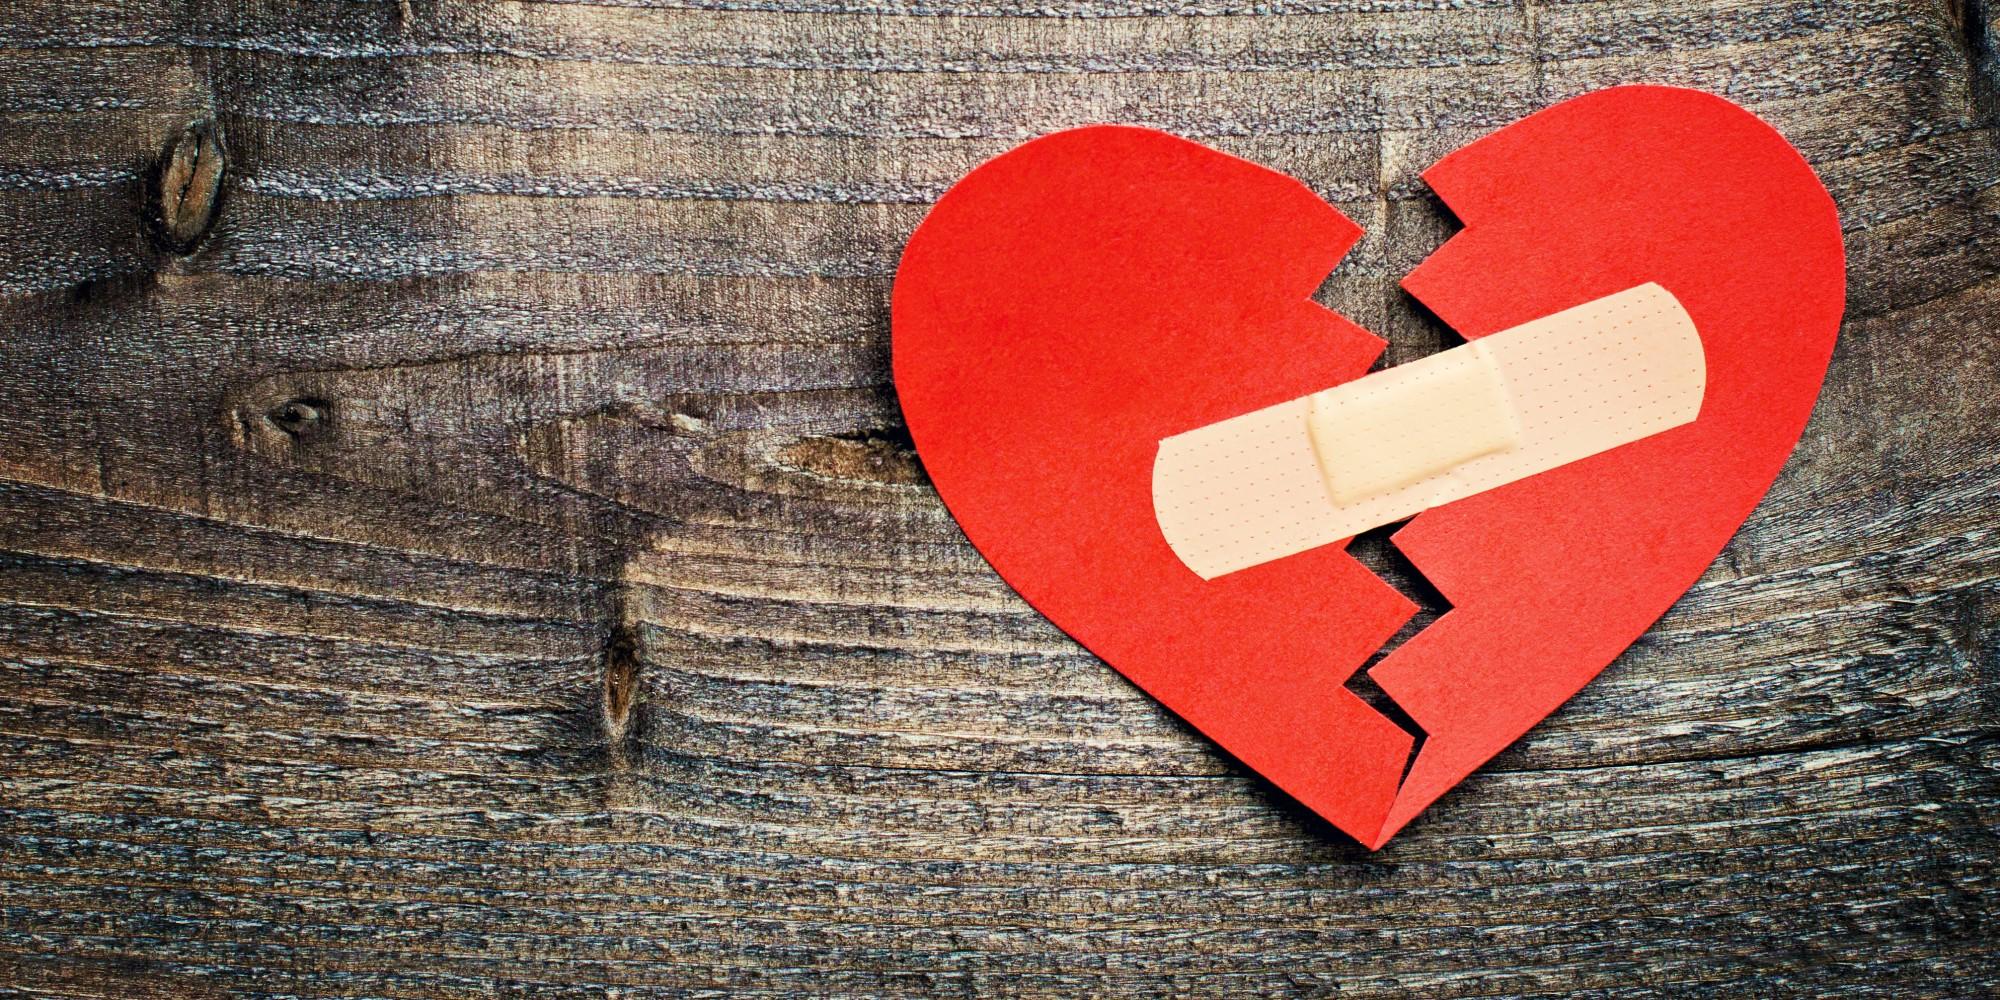 با شکست عشقی مریض می شویم ؟؟؟